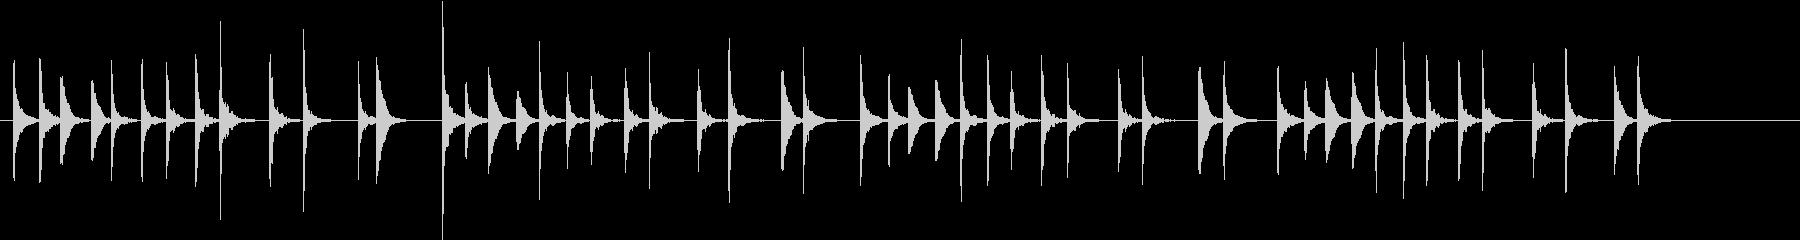 パーカッション:ウッドブロック:リ...の未再生の波形